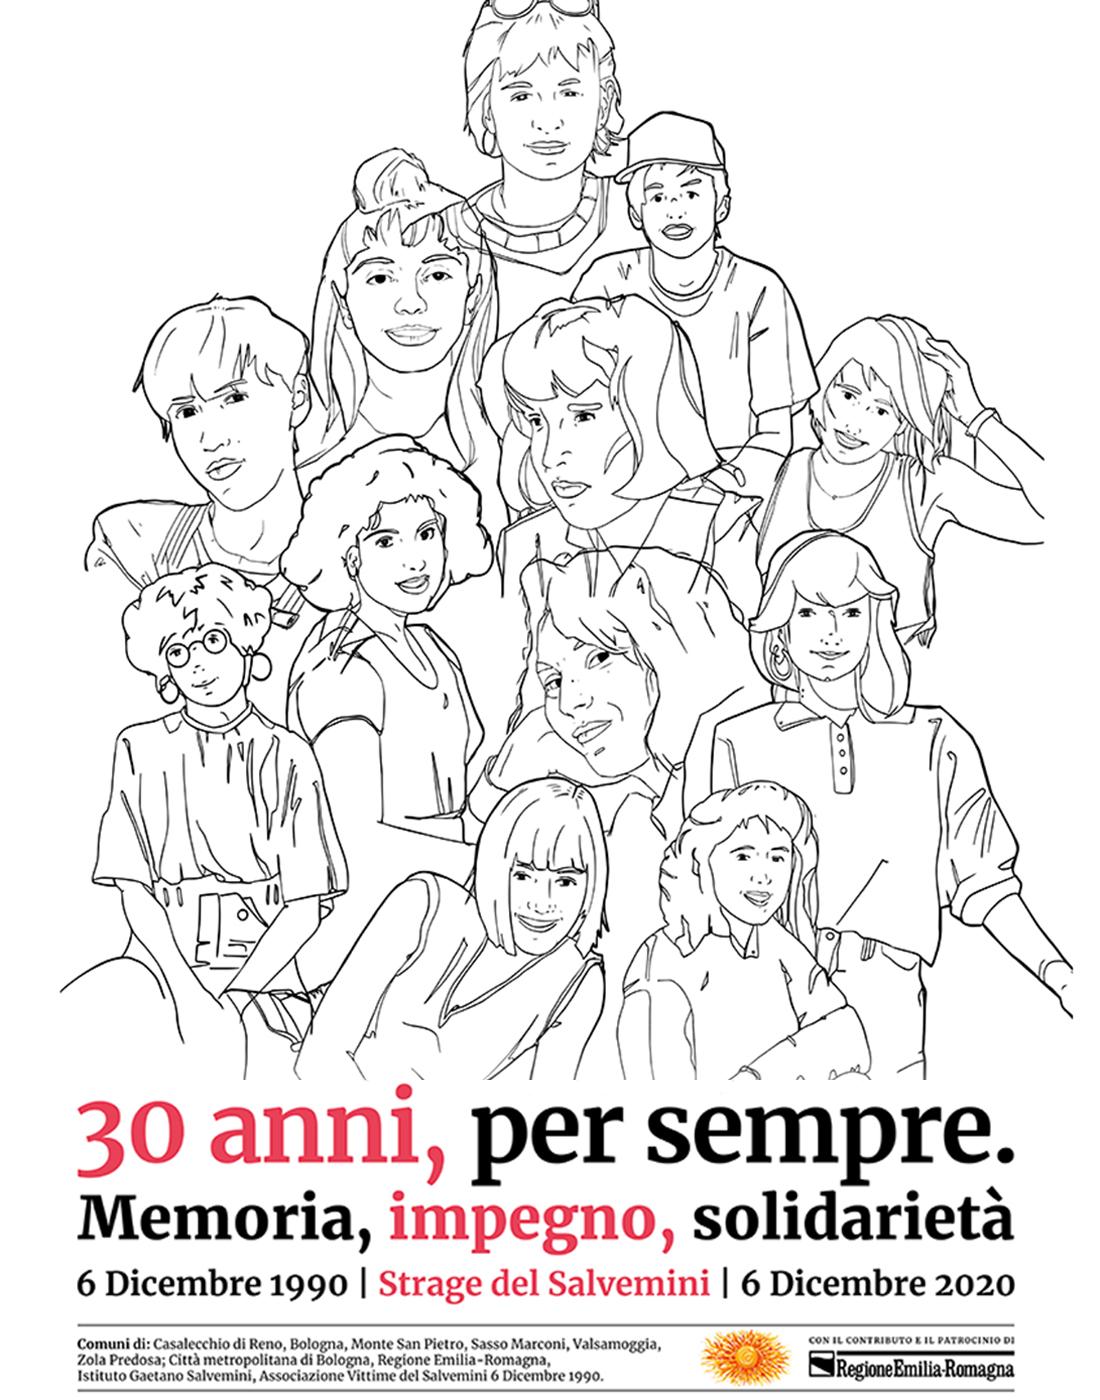 Strage del Salvemini, le iniziative per il 30° anniversario della tragedia che il 6 dicembre 1990 colpì la scuola di Casalecchio